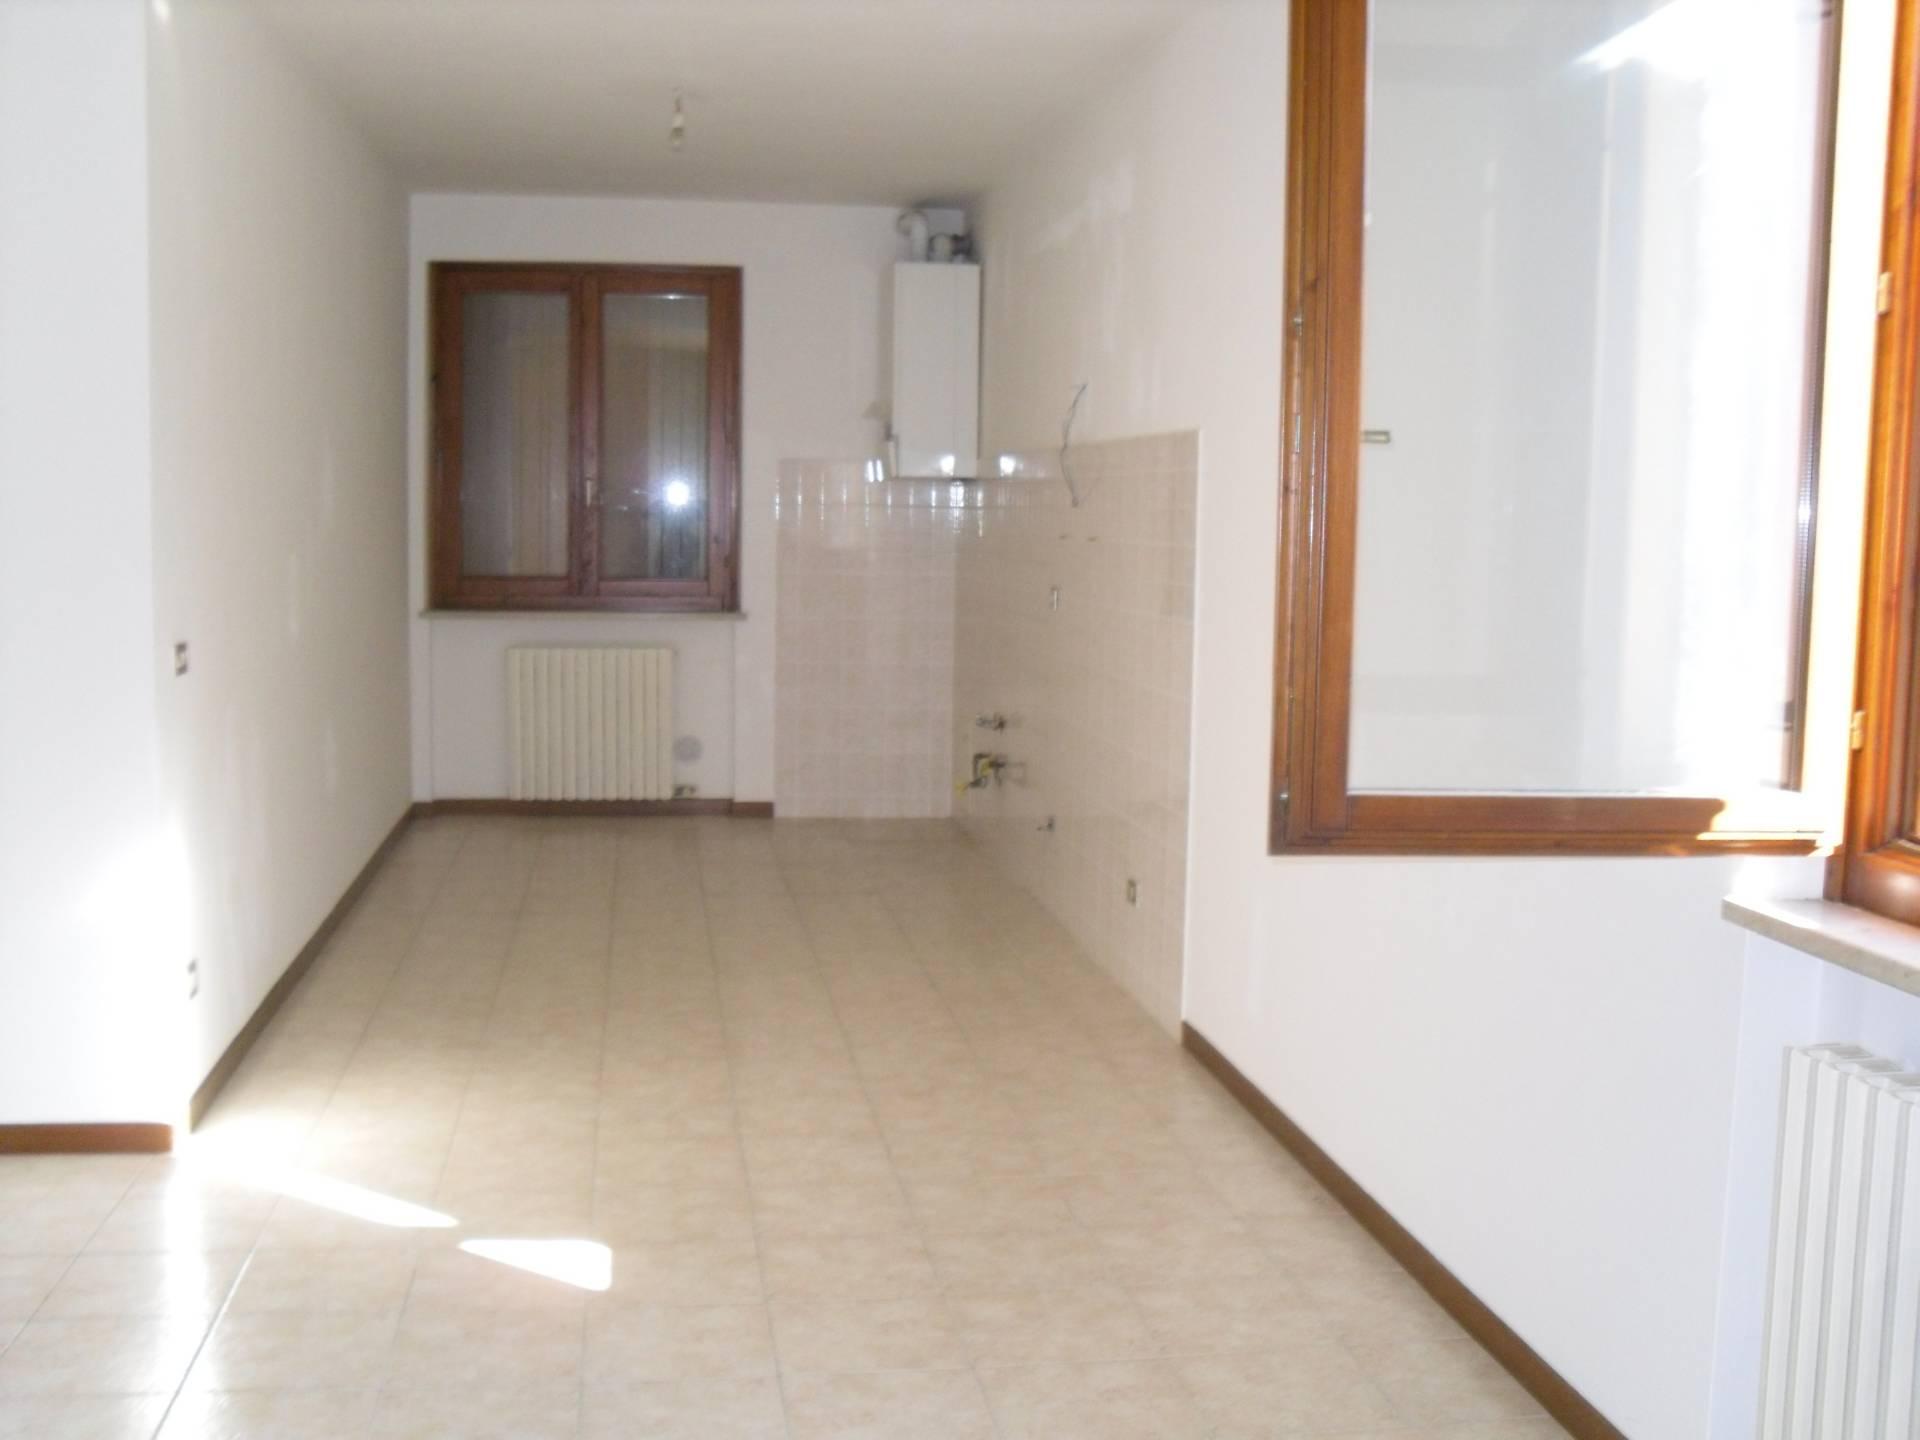 Appartamento in affitto a Soave, 3 locali, prezzo € 470 | Cambio Casa.it